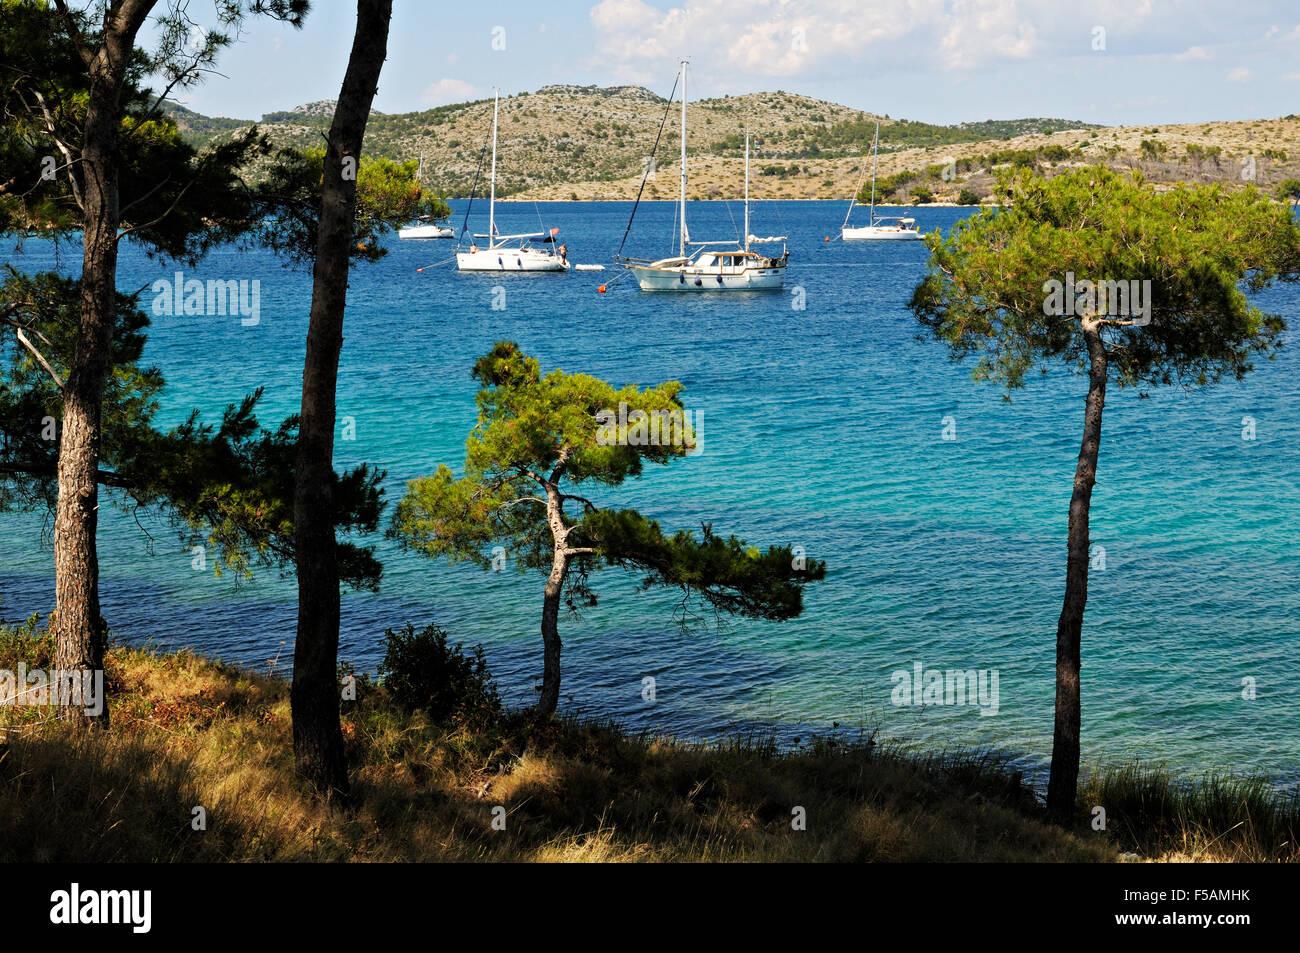 Freizeitboote verankert im Natur Park Telascica, einer natürlichen Bucht in Dugi Otok, Zadar County, Kroatien Stockbild